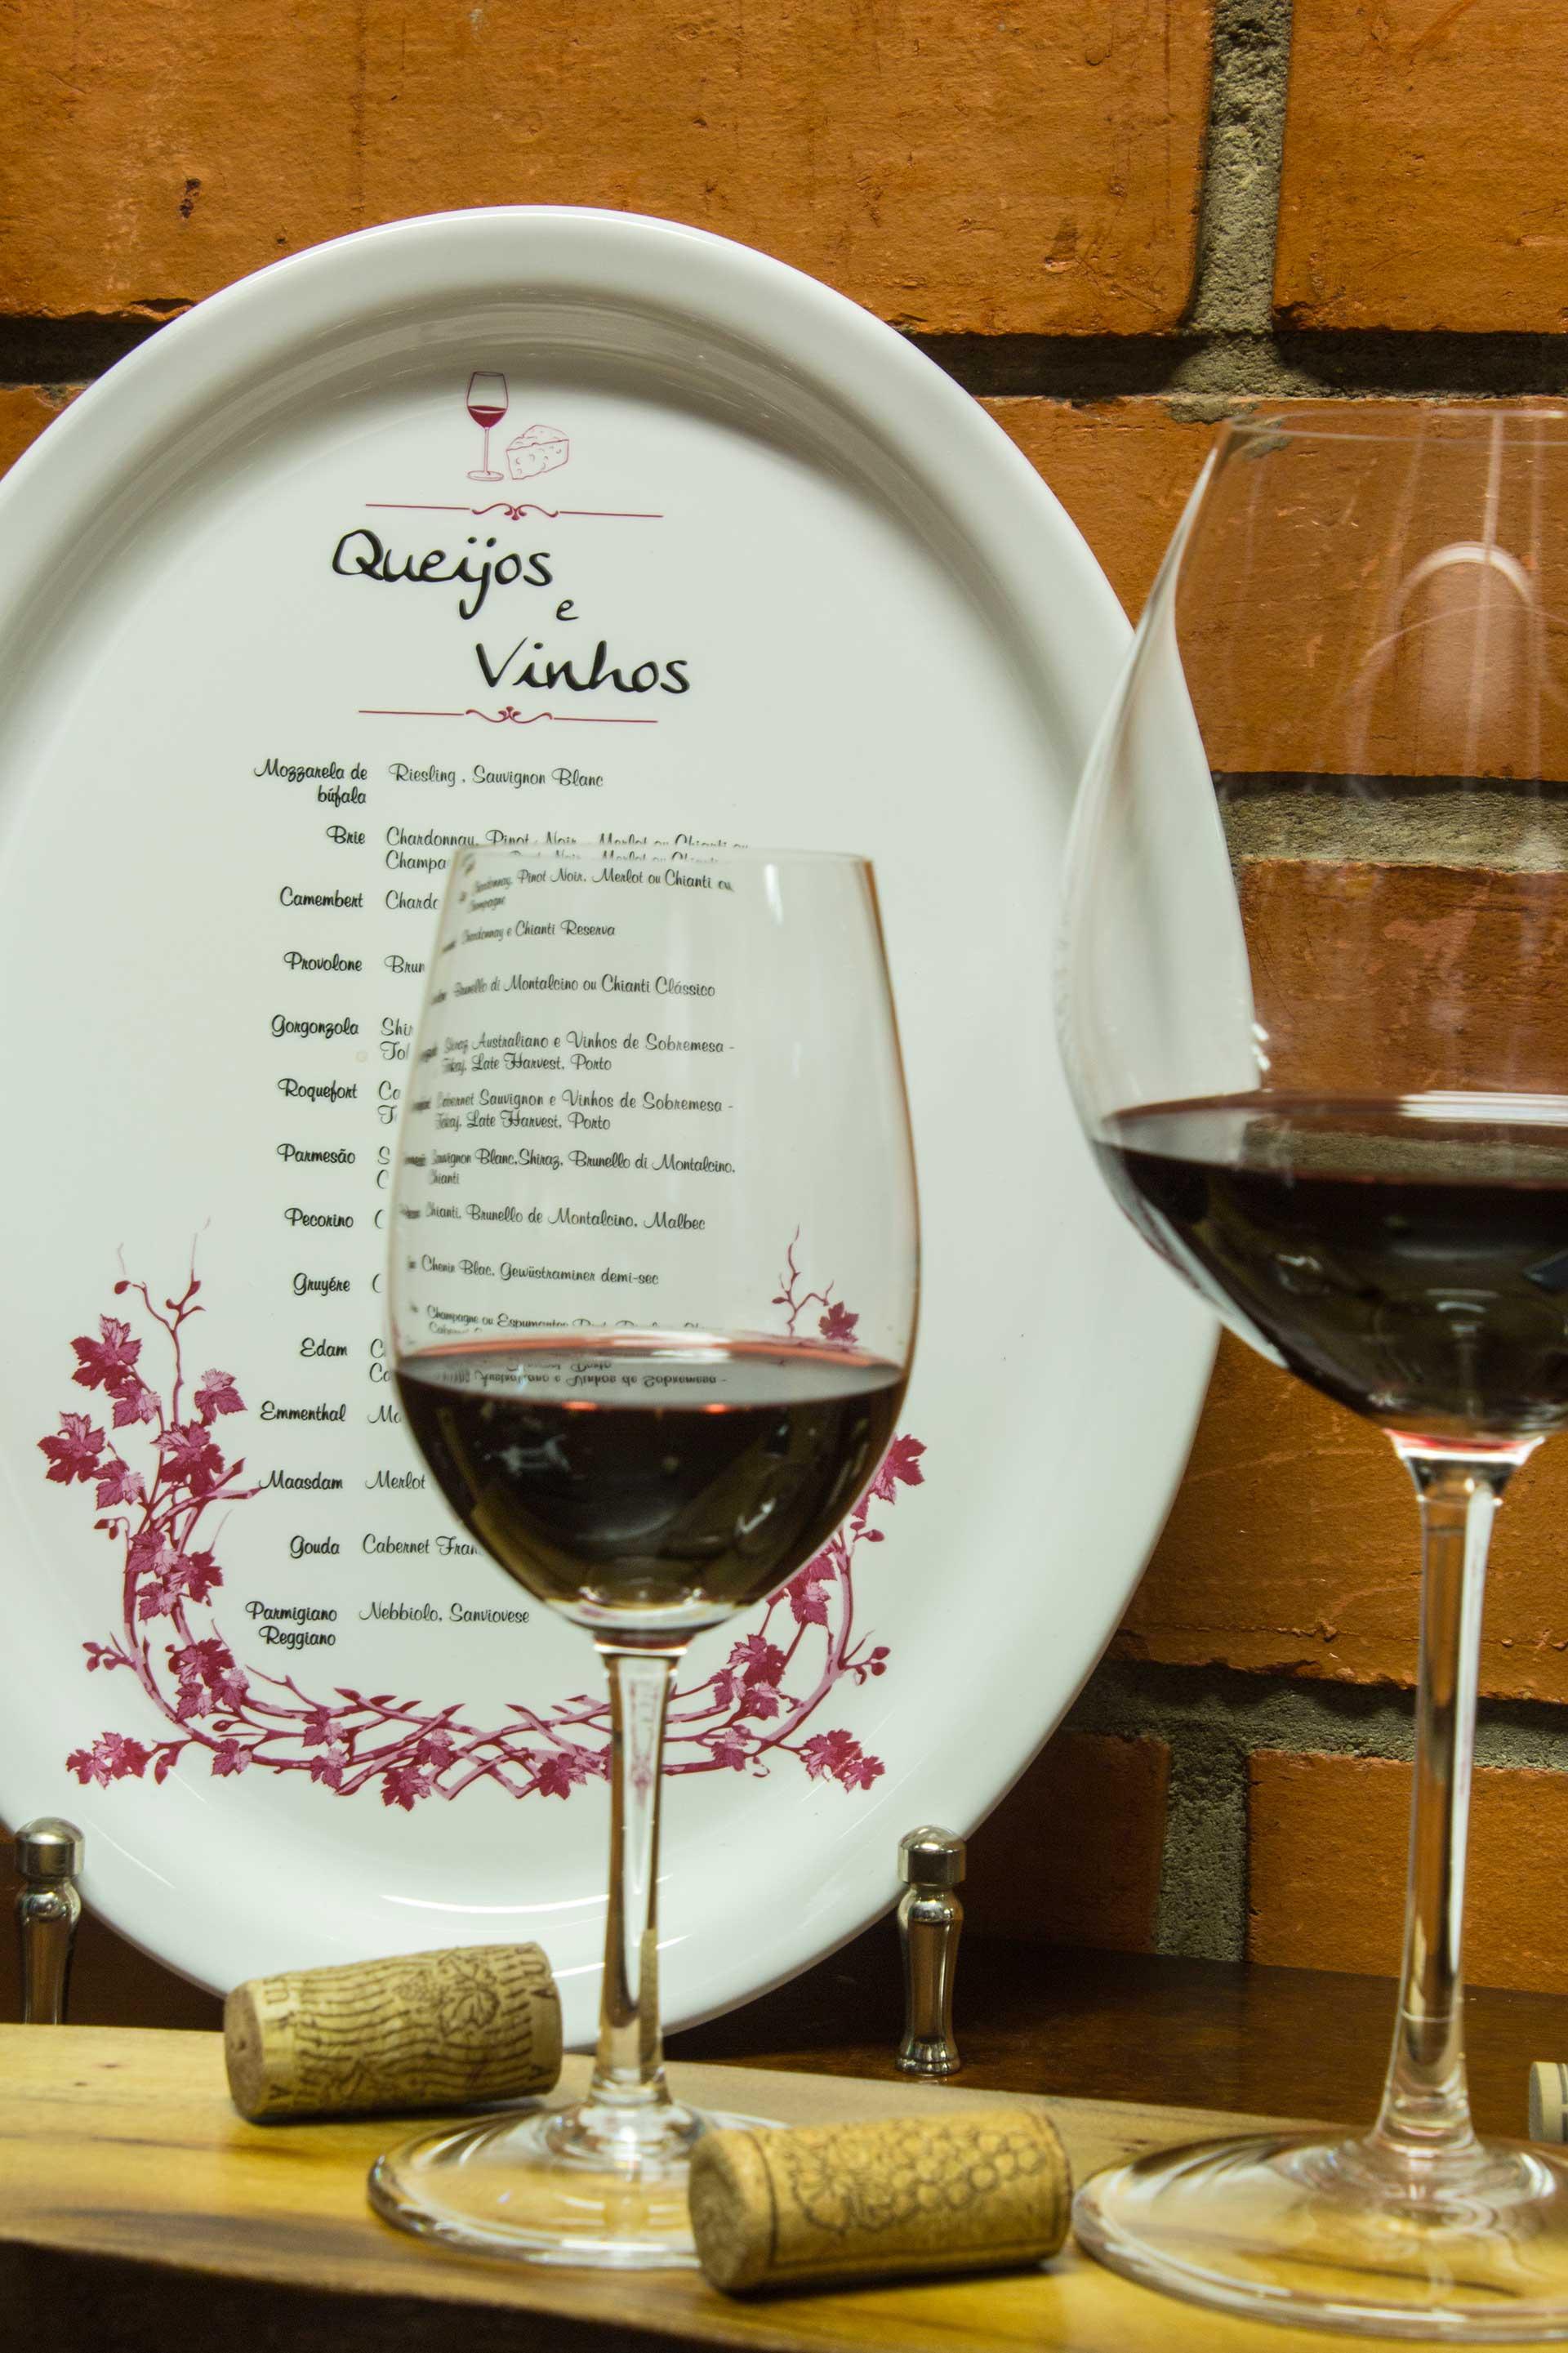 Imagem: Servir os vinhos na temperatura ideal é muito importante para o sucesso da degustação. Foto: Equipe Oxford.